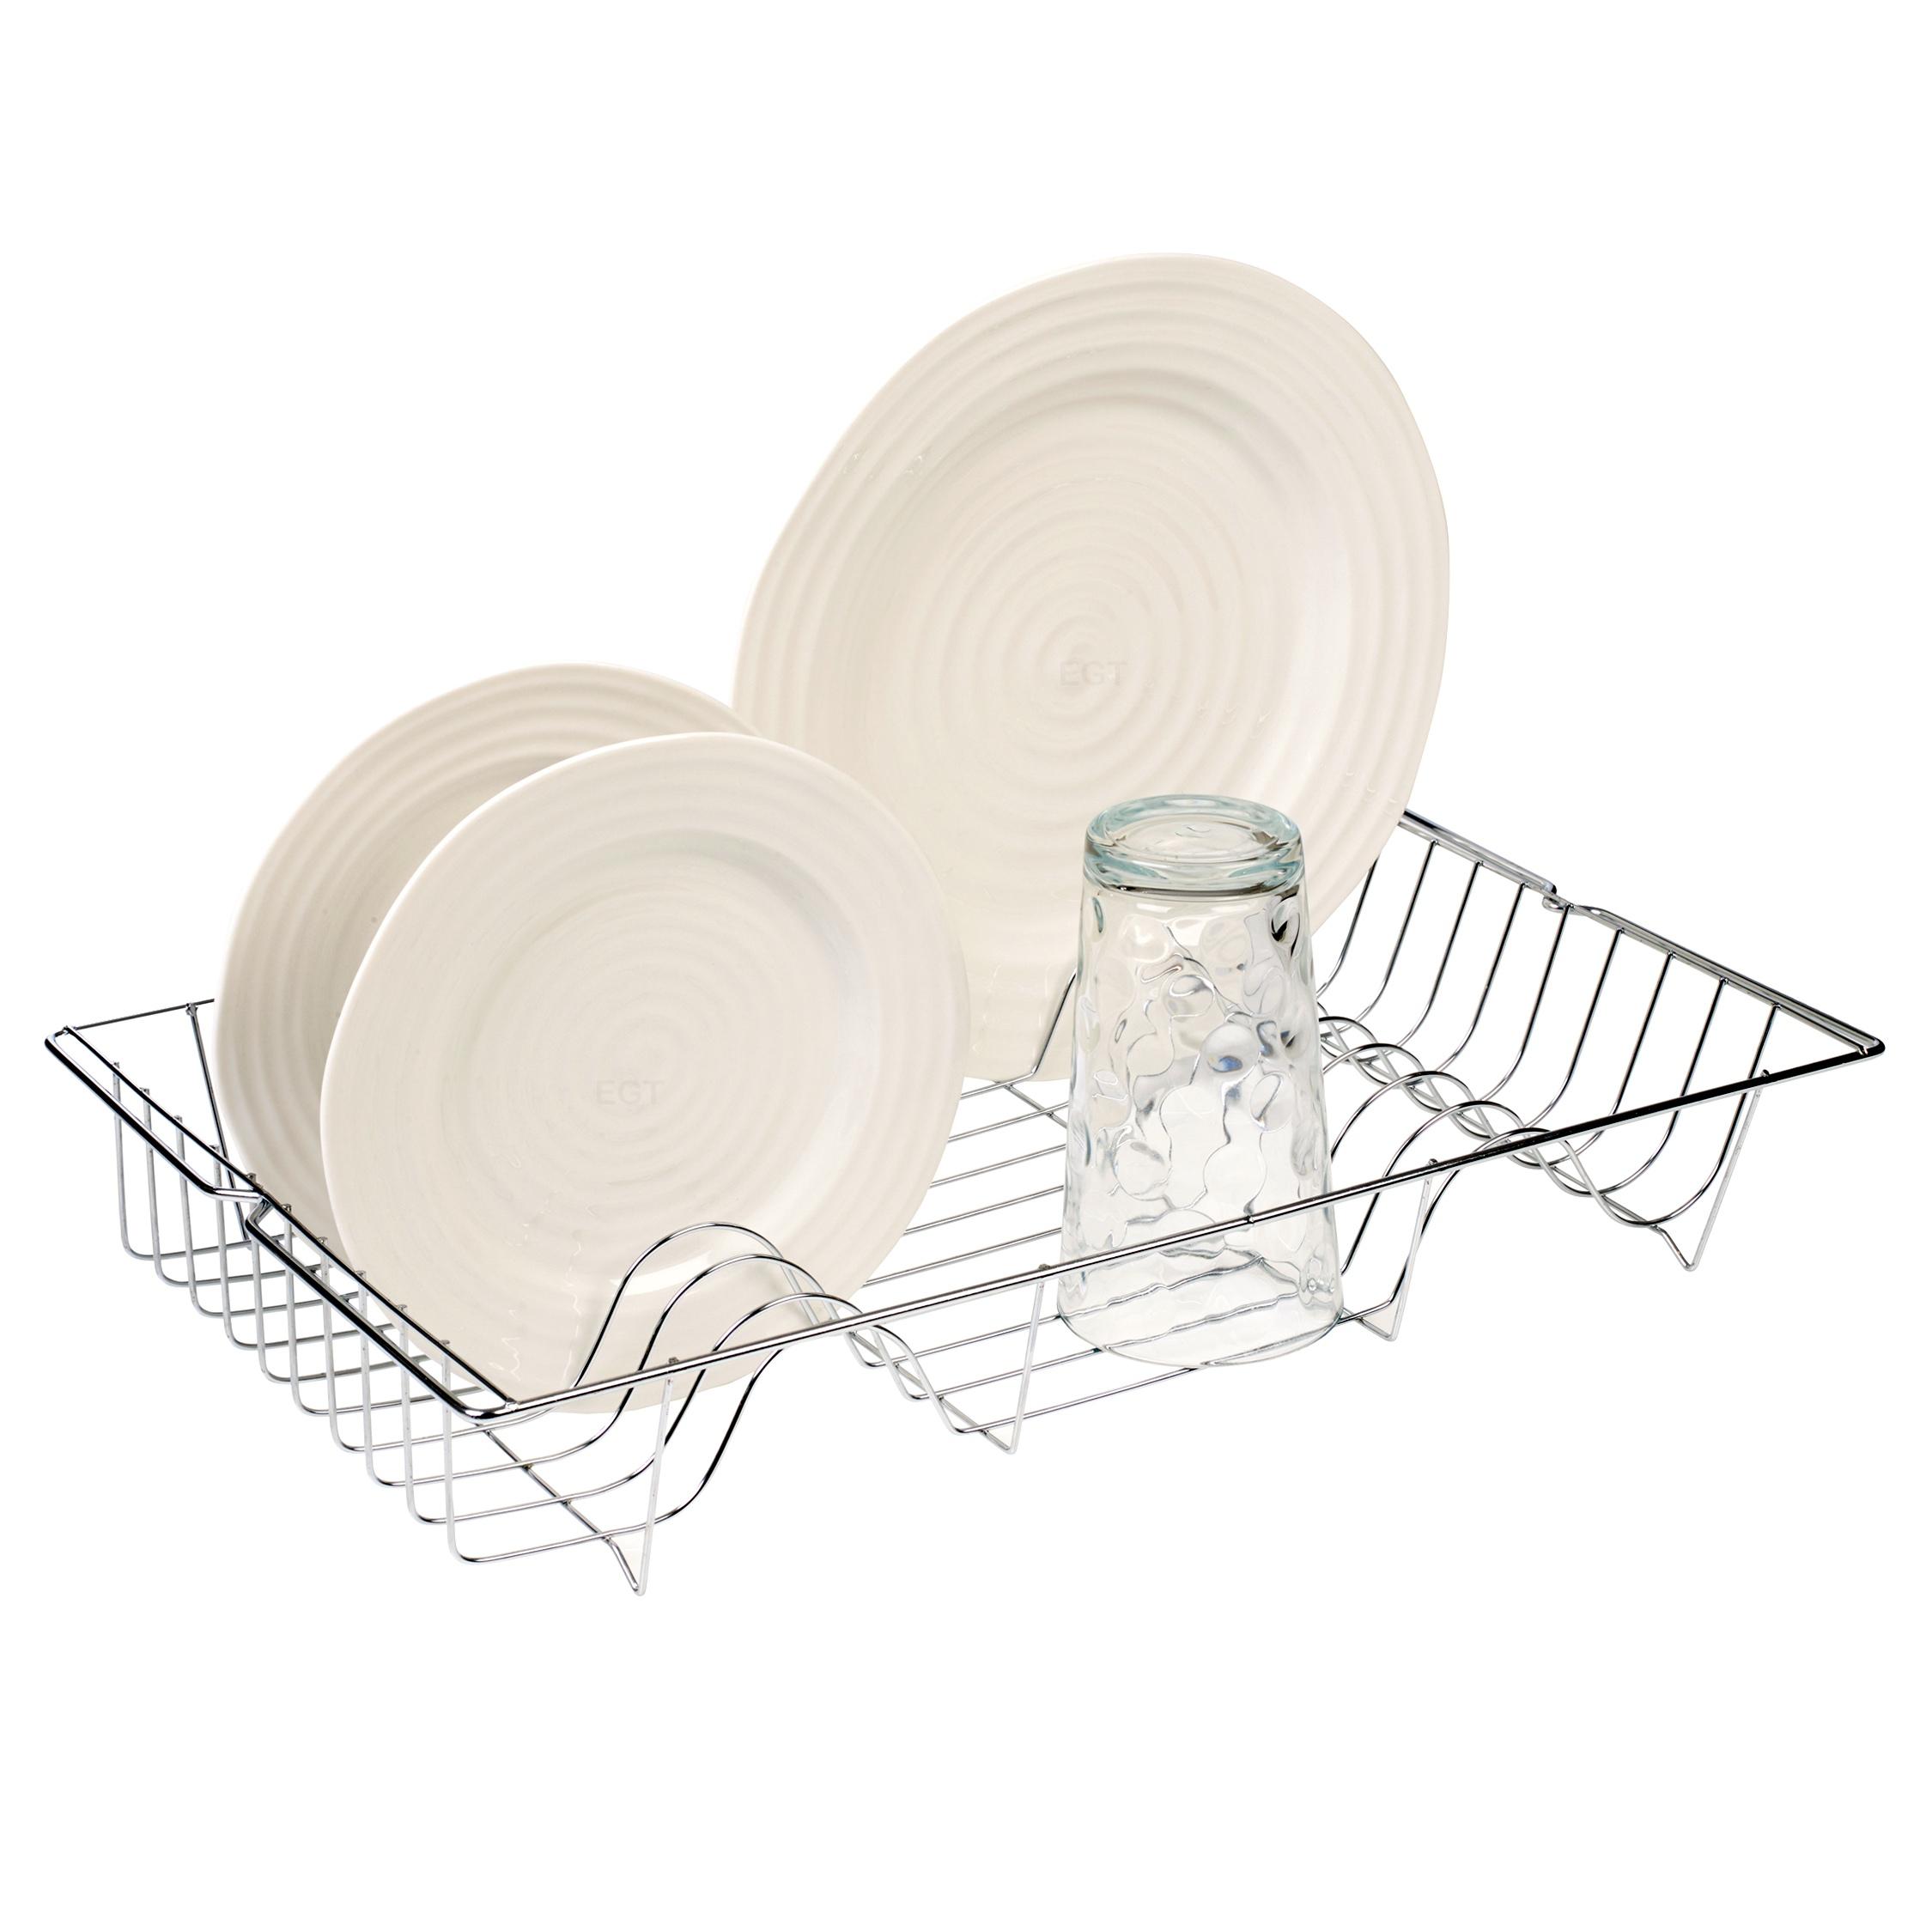 Metal Chrome Wire Dish Rack Kitchen Sink Drainer Washing